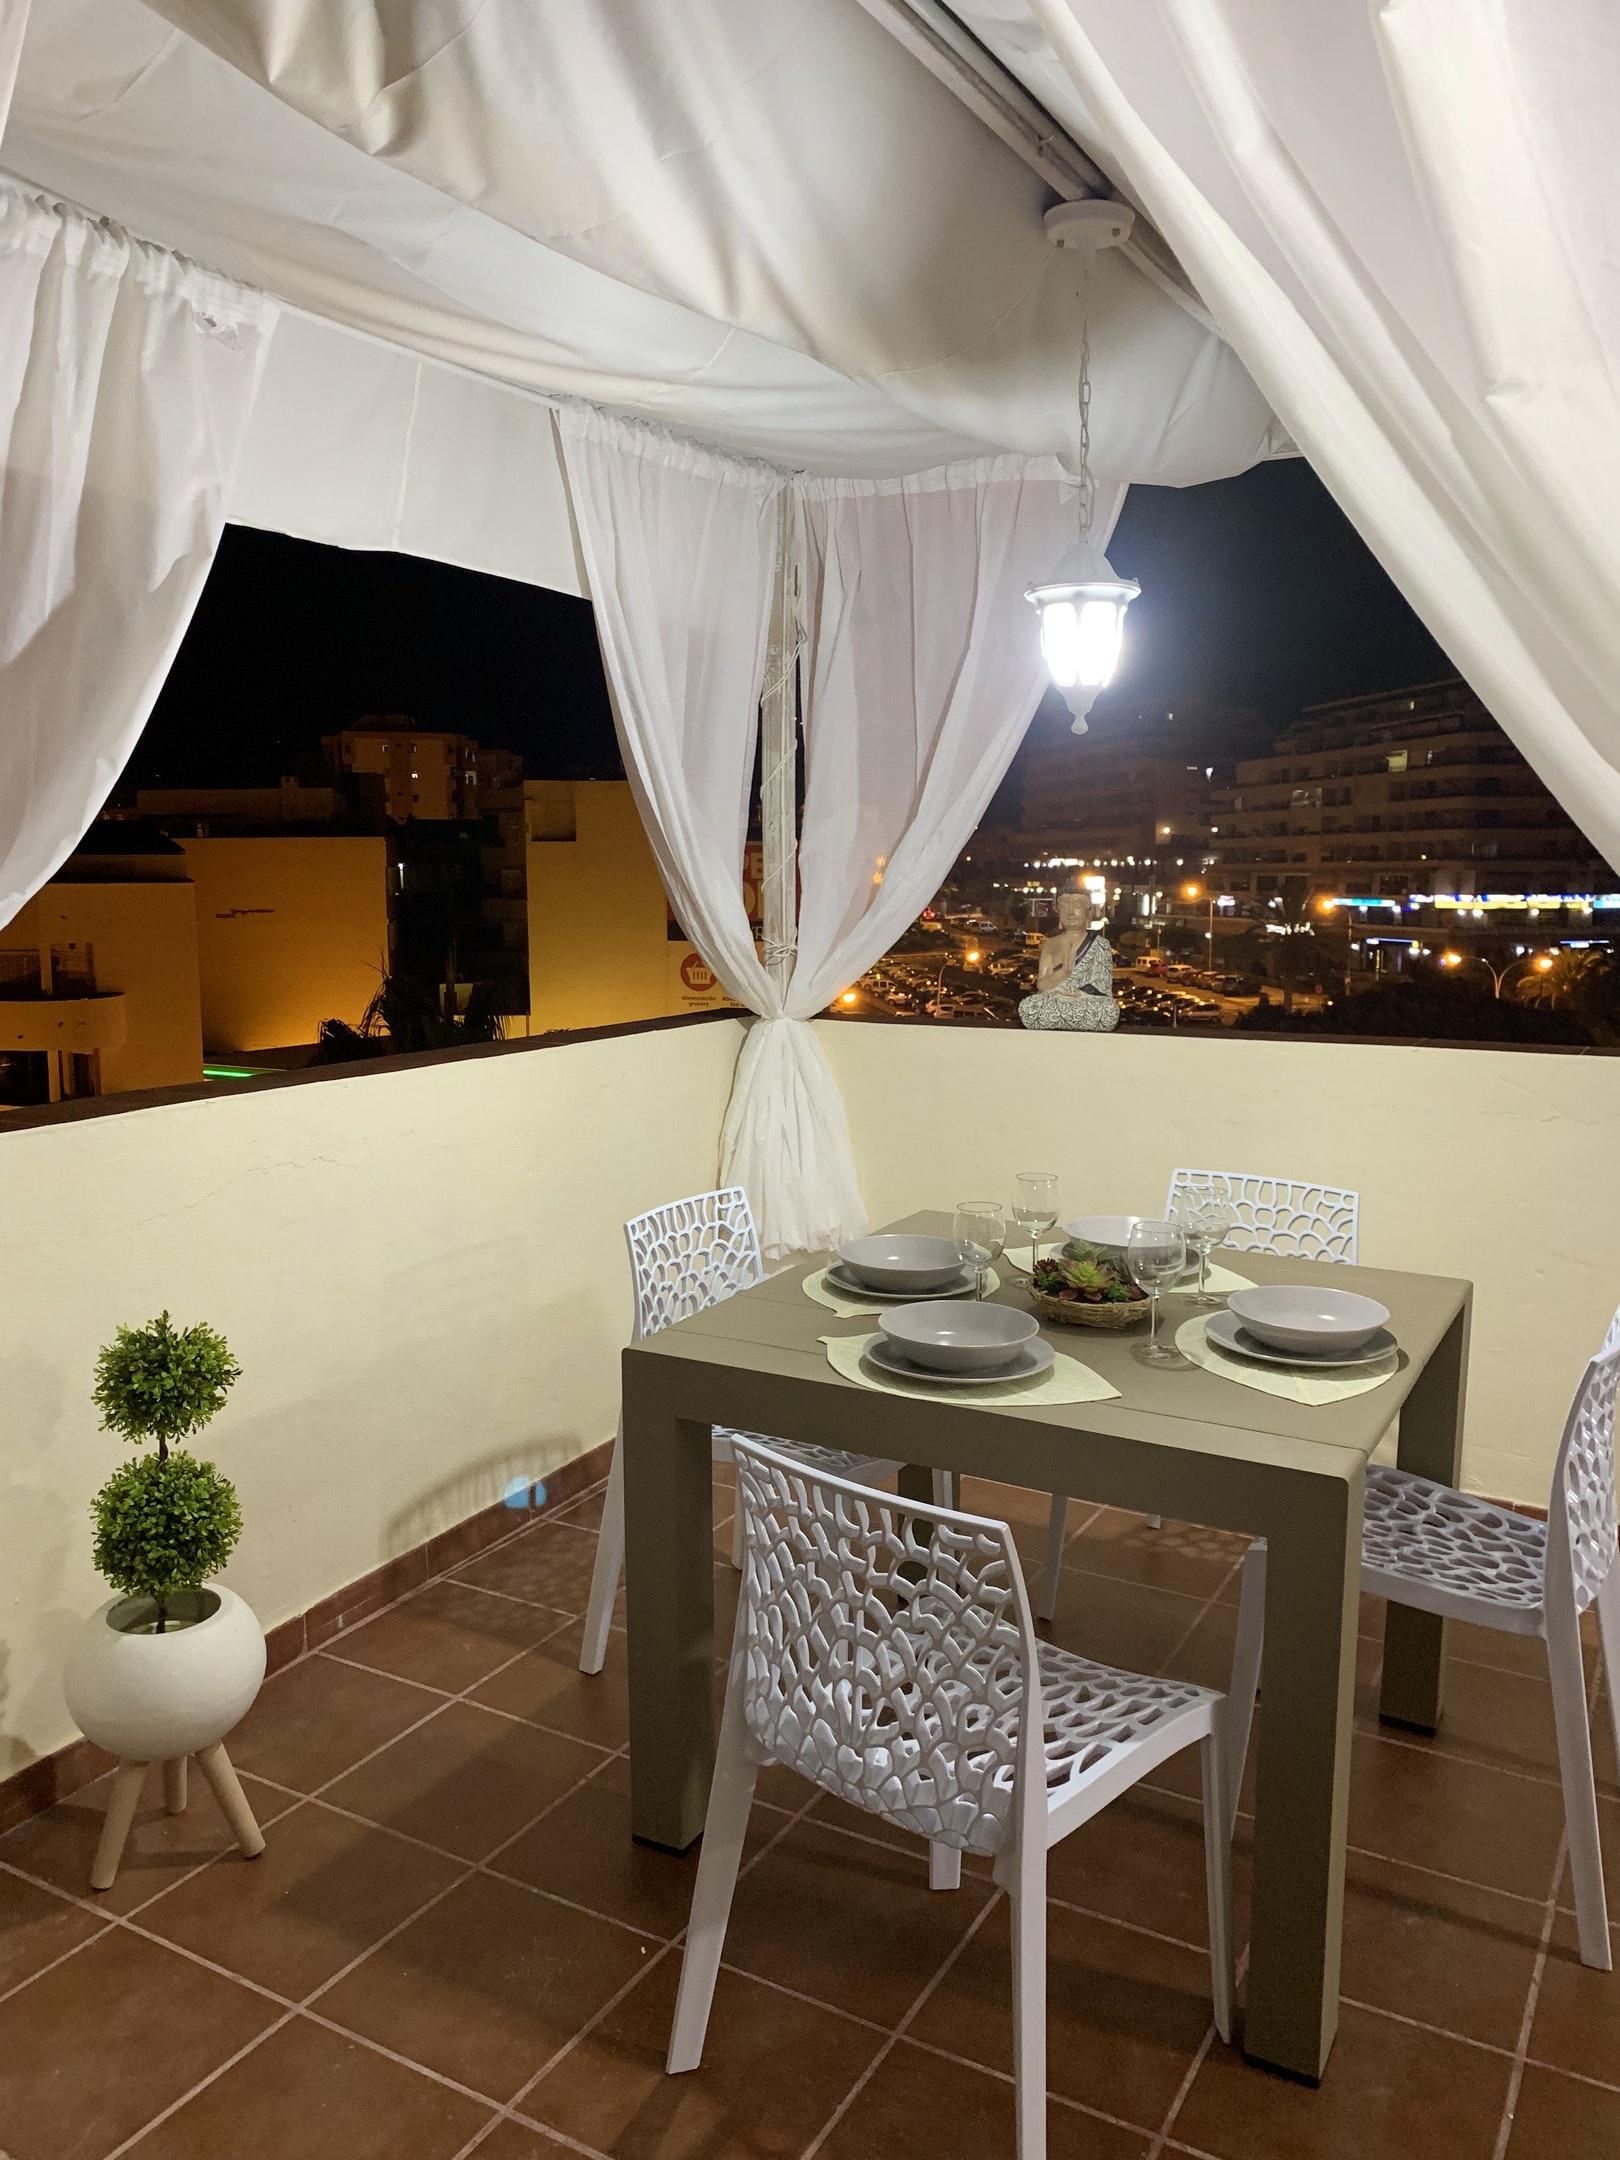 Appartement de vacances Wohnung mit 2 Schlafzimmern in Los Cristianos mit toller Aussicht auf die Berge, eingezäun (2202481), Los Cristianos, Ténérife, Iles Canaries, Espagne, image 22